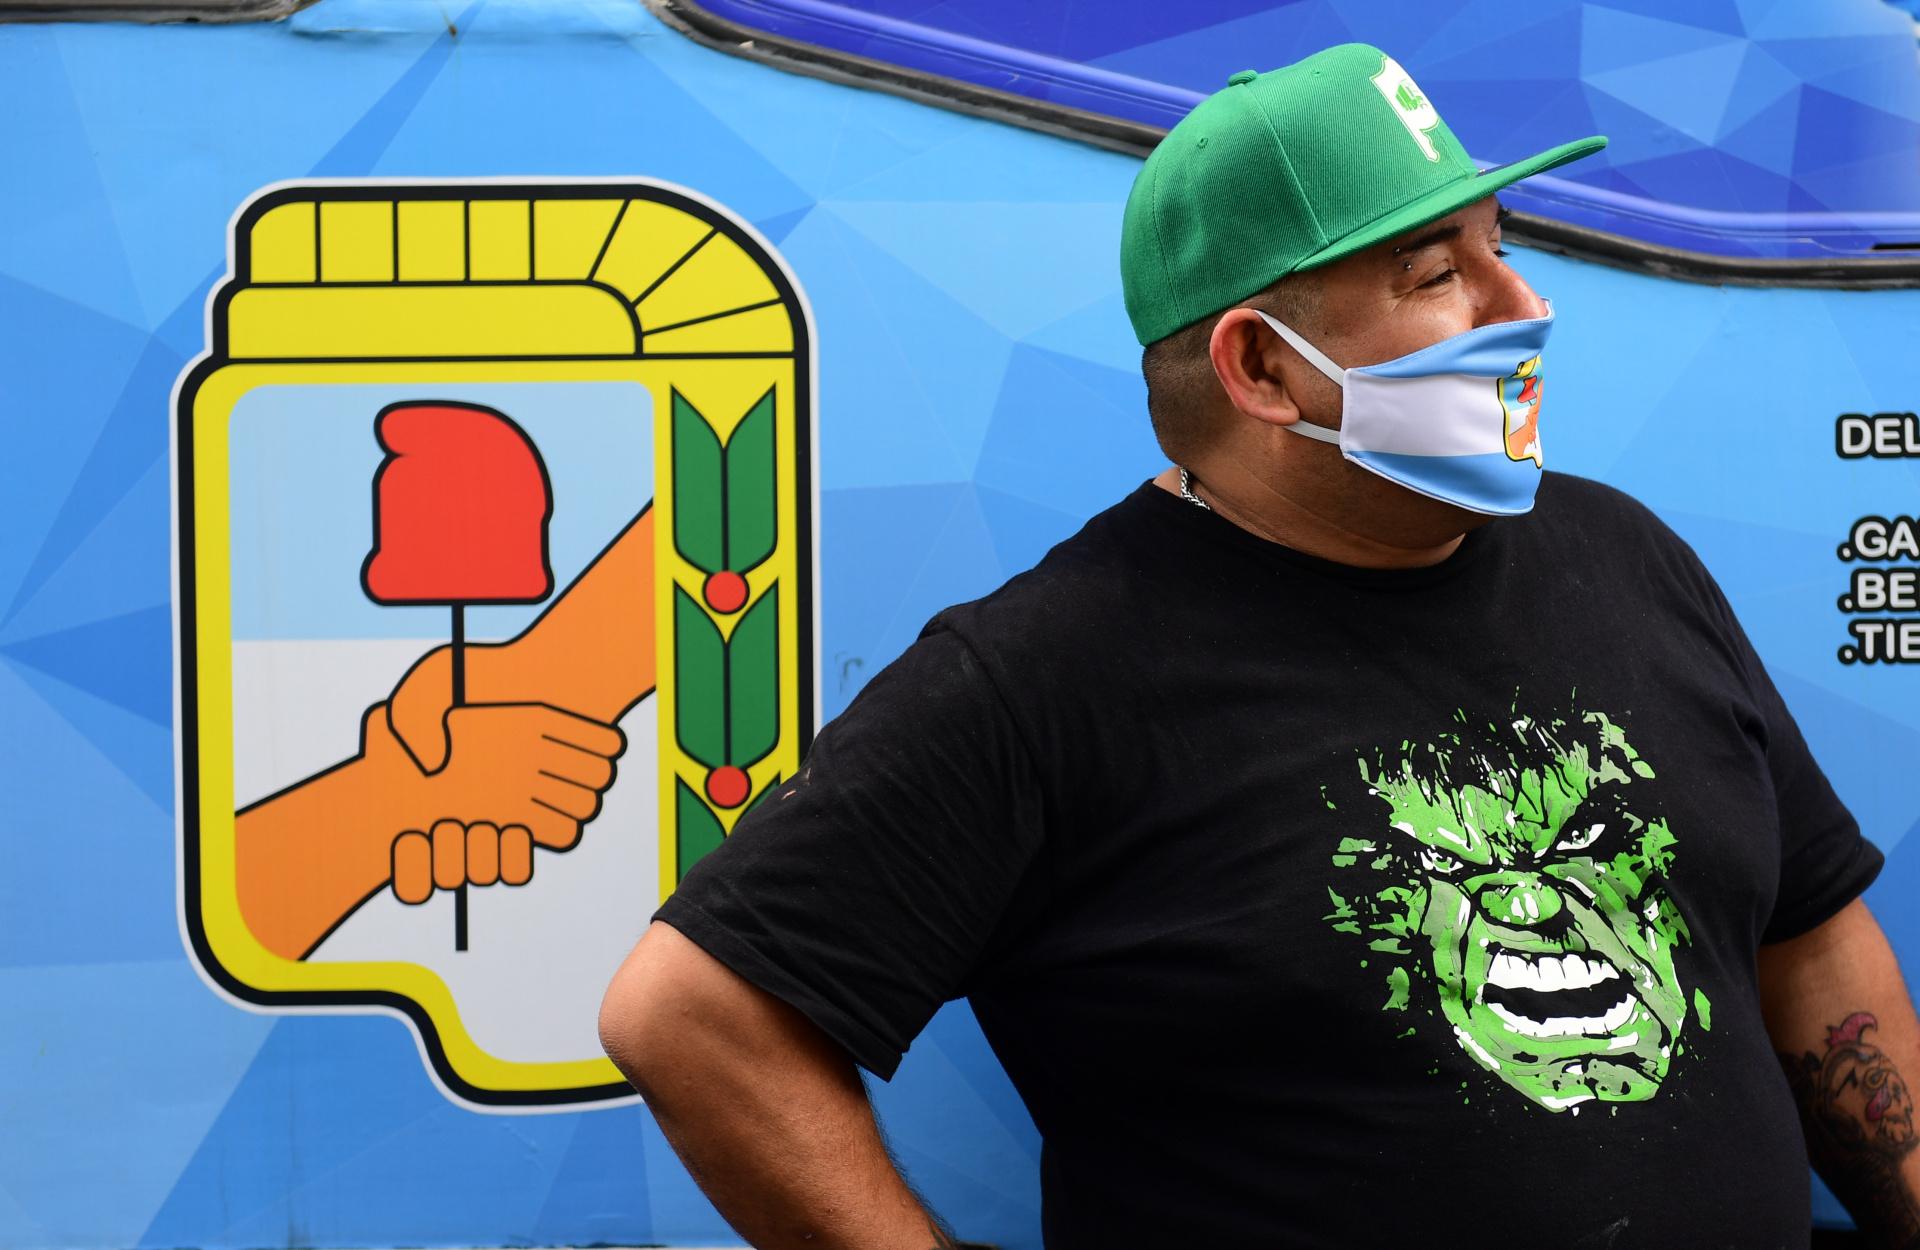 Un camionero posando con el escudo del Partido Justicialista, una de las postales que dejó la caravana